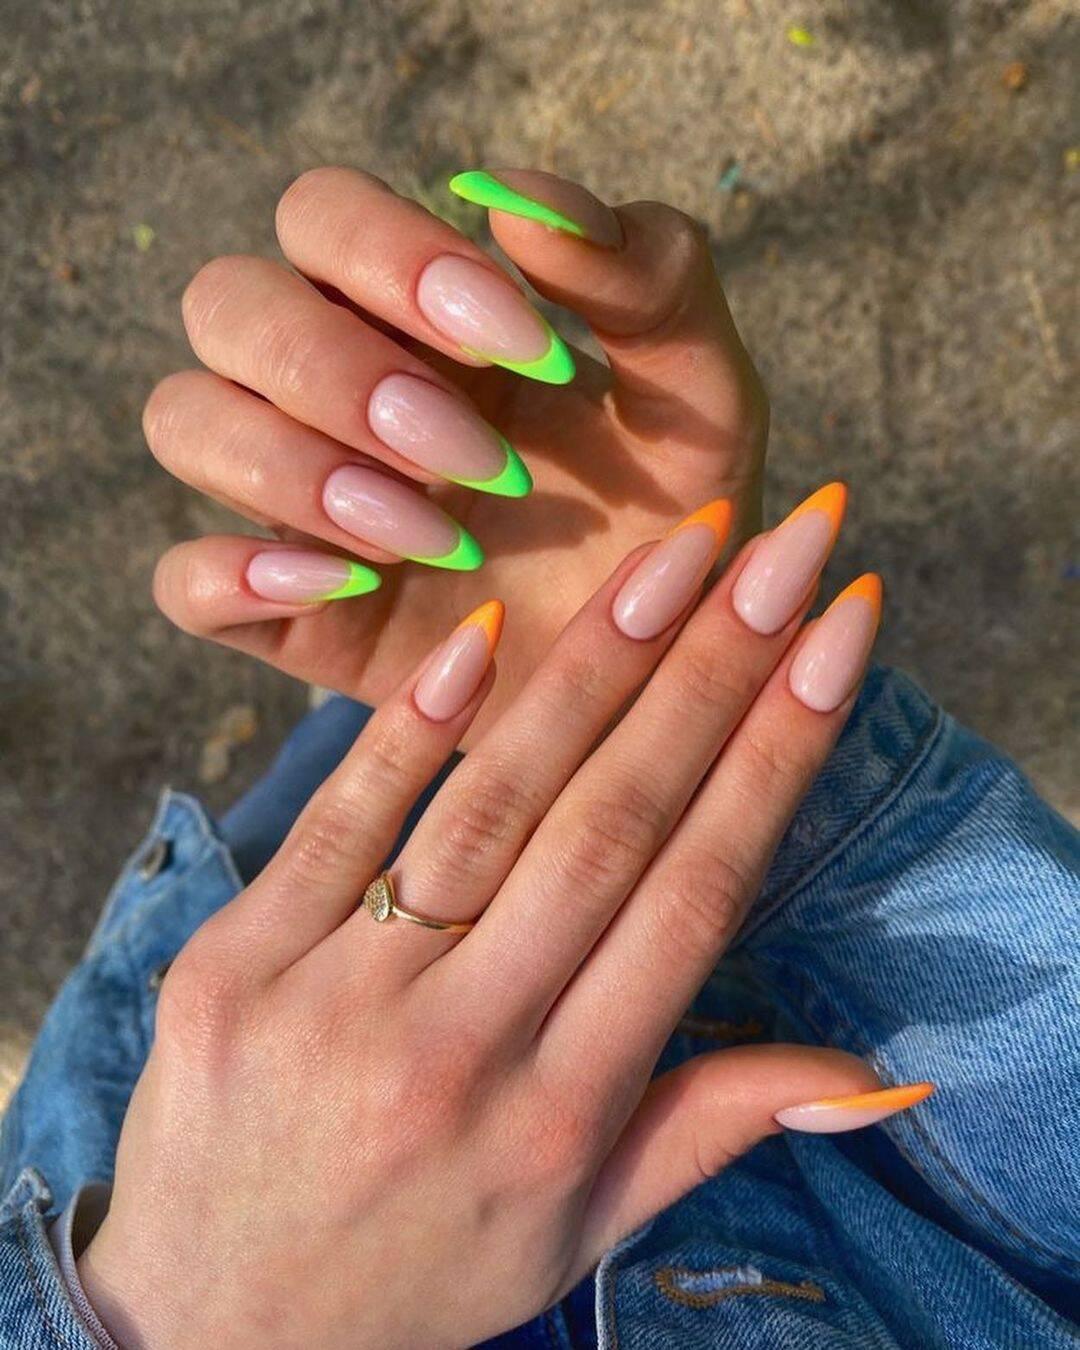 Ou uma mão de cada cor, por exemplo. (Foto: Instagram/ @unhas.inovadoras)